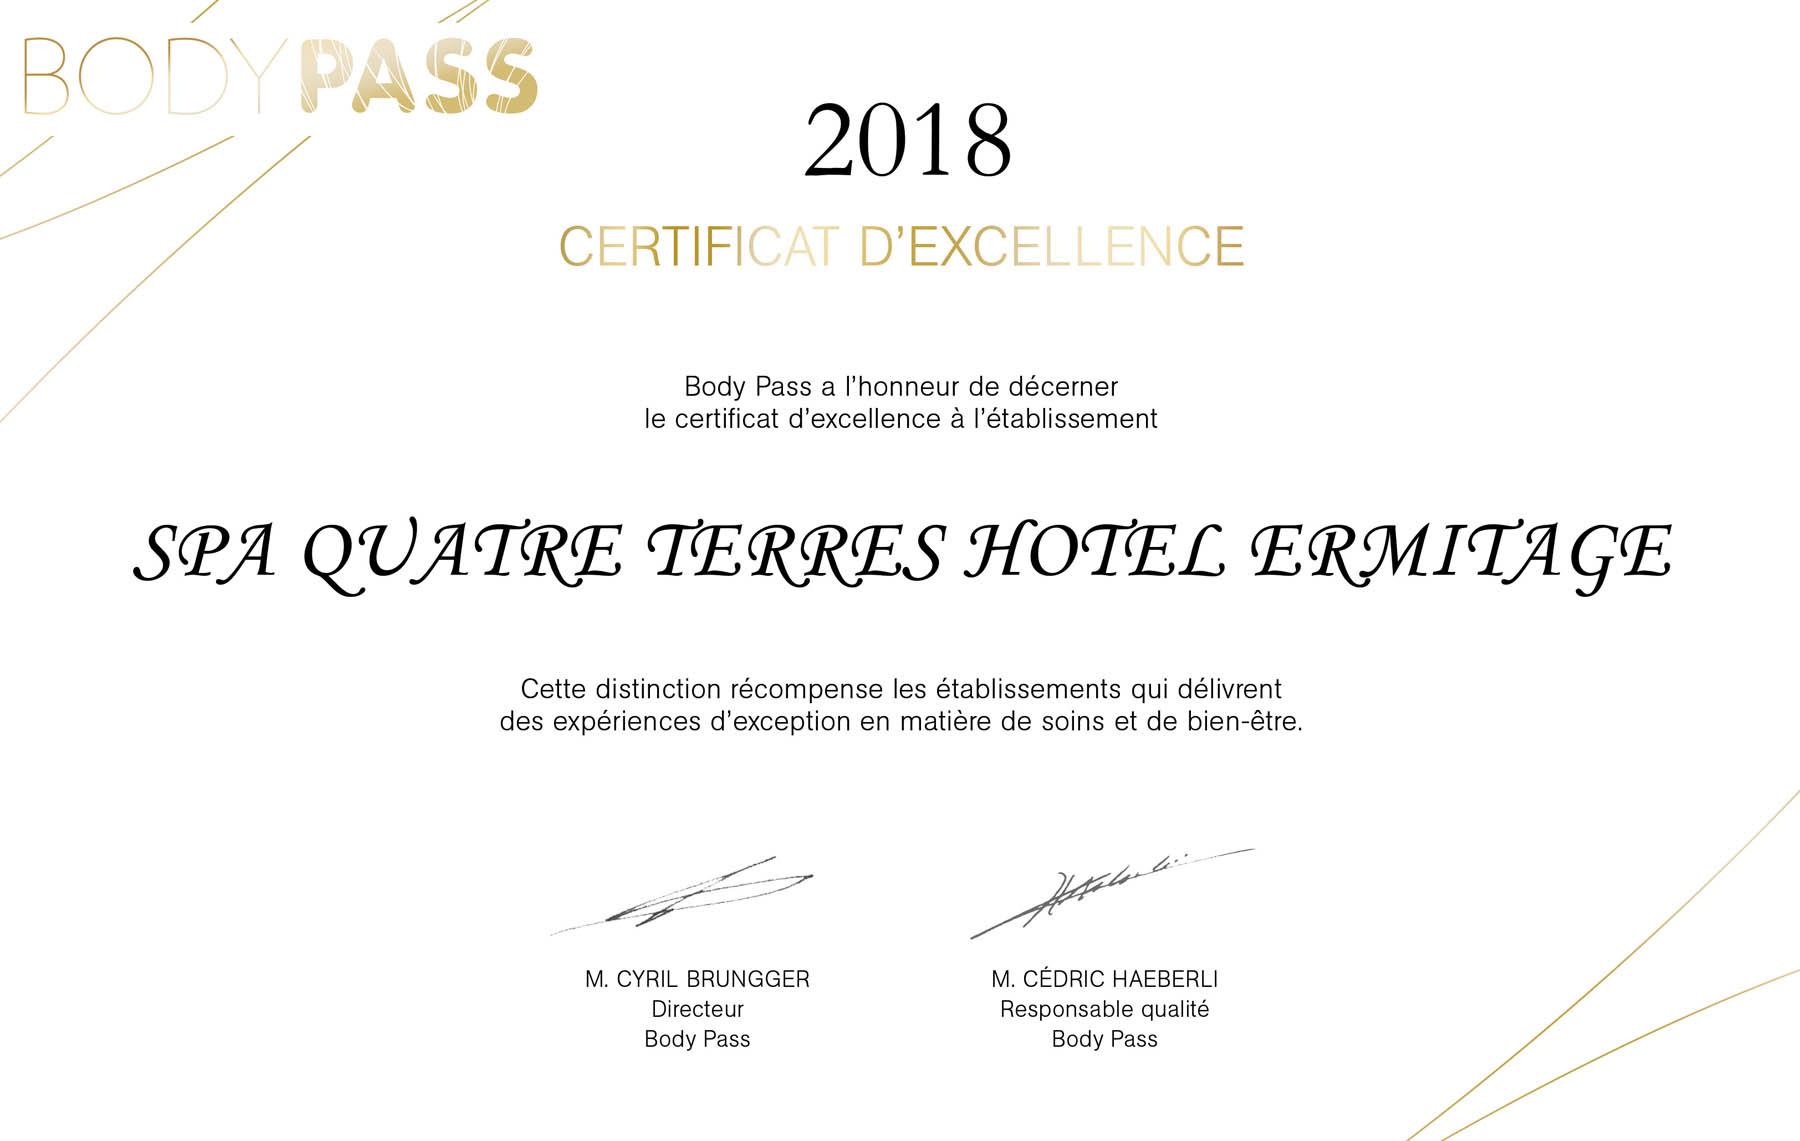 Image newsfeed Le Spa Quatre Terres est récompensé